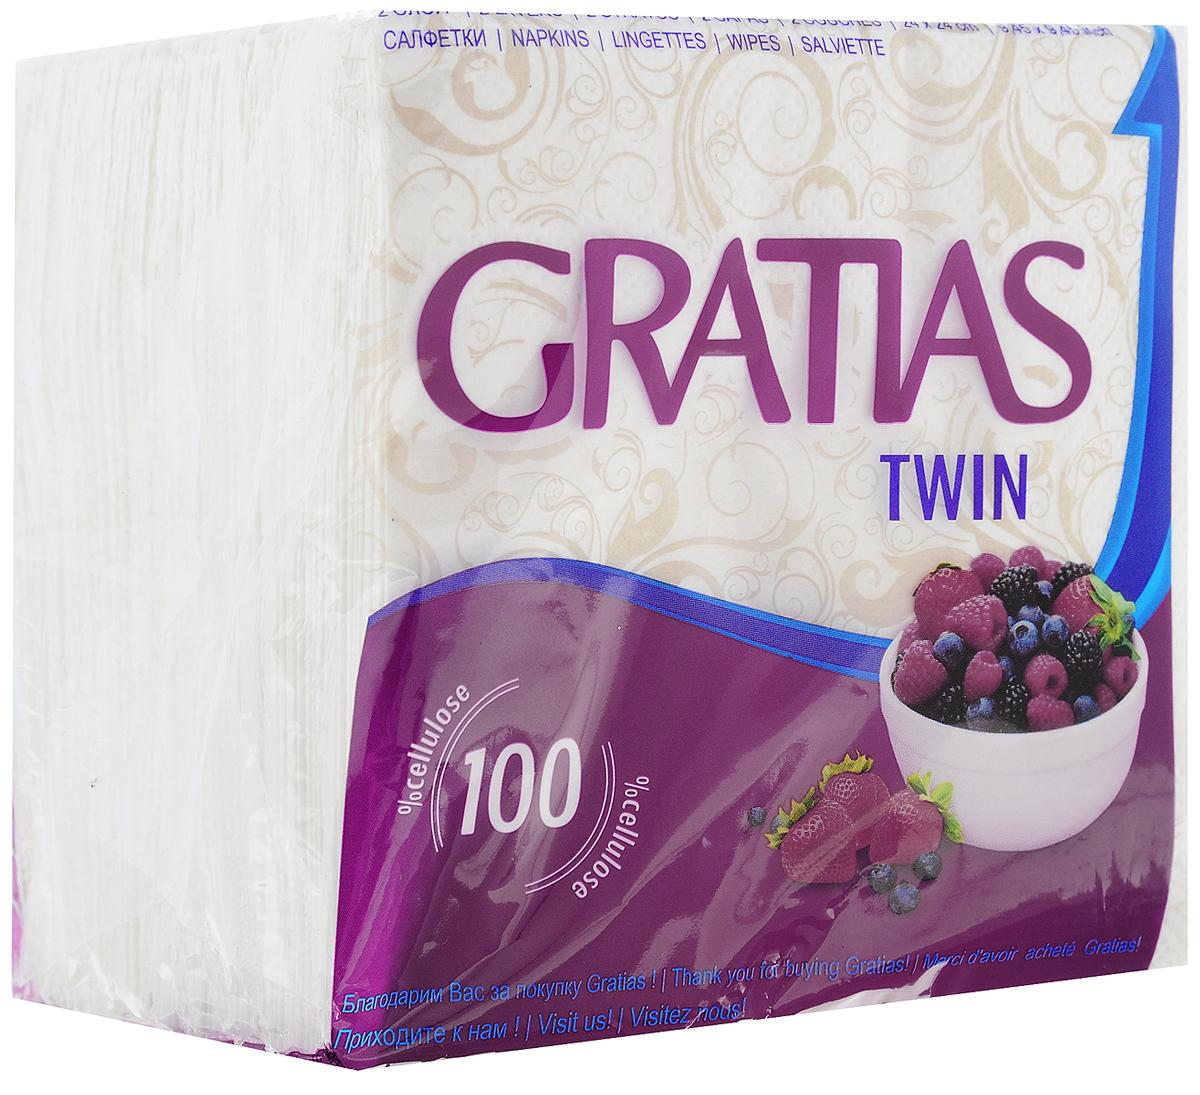 Салфетки бумажные Gratias Twin, двухслойные, 24 х 24 см, 90 шт1387Двухслойные бумажные салфетки Gratias Twin, выполненные из натуральной целлюлозы, станут отличным дополнением праздничного стола. Они отличаются необычной мягкостью и прочностью. Салфетки красиво оформят сервировку стола. Размер салфеток: 24 х 24 см.